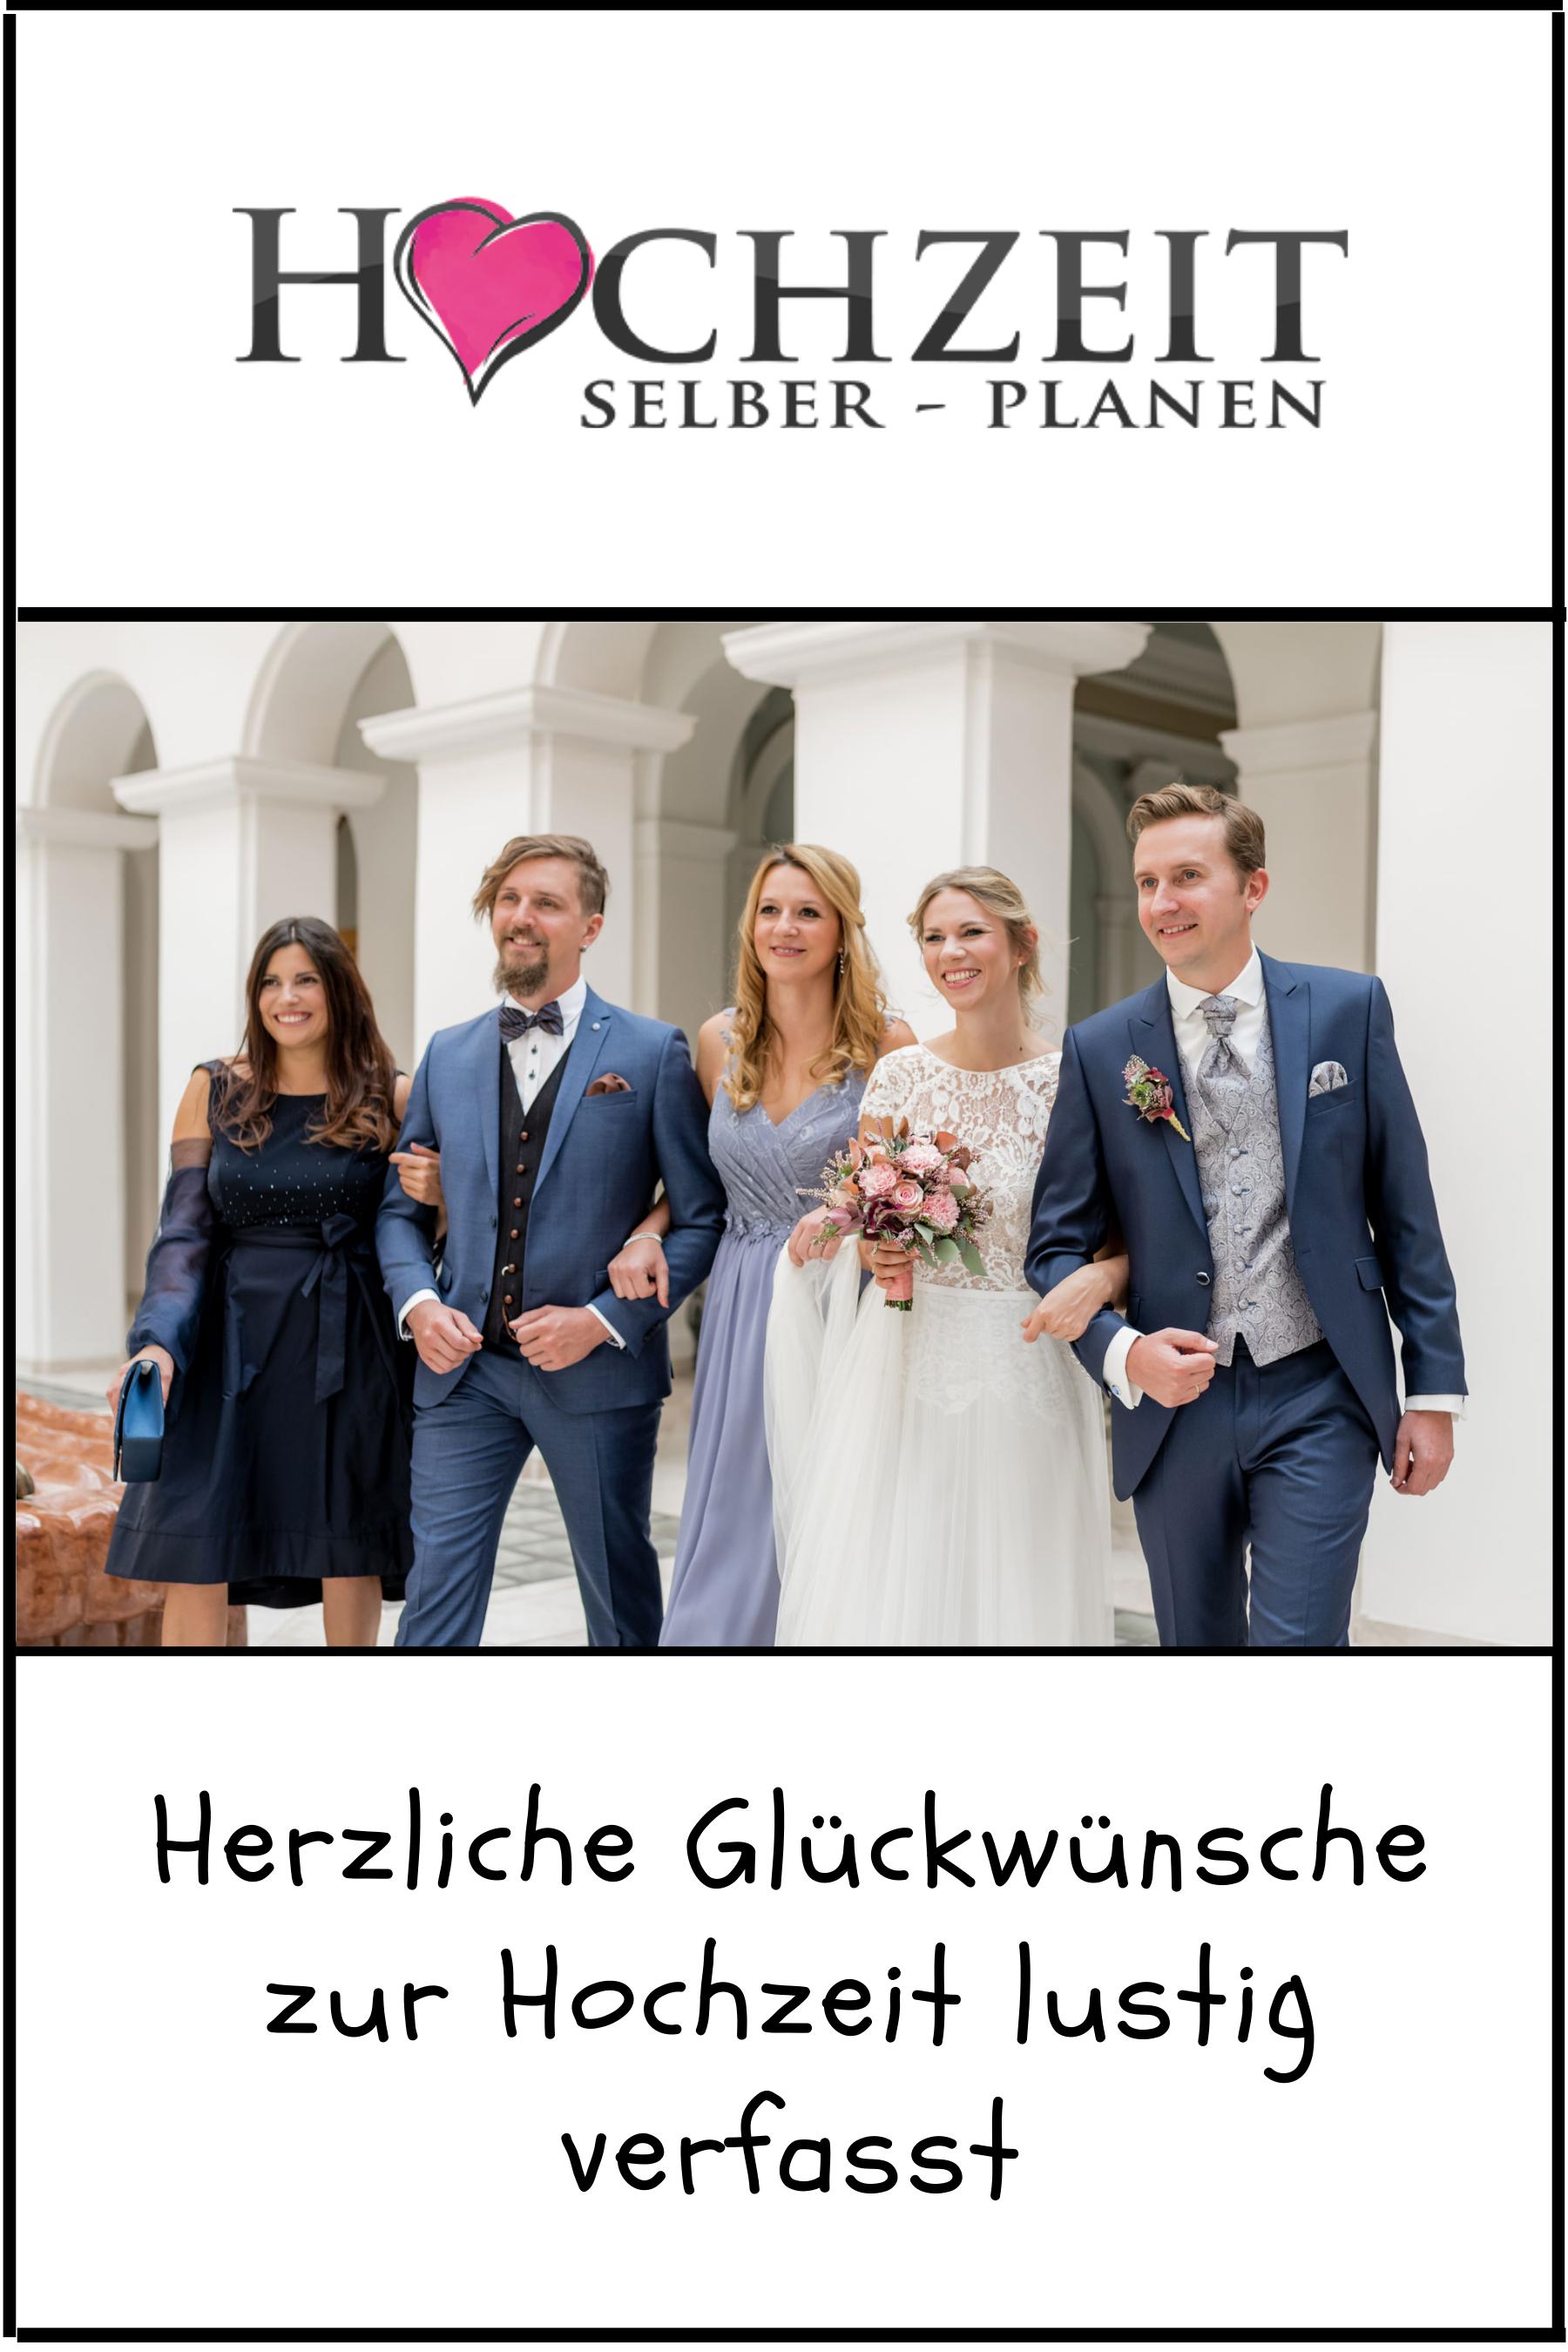 So Formuliert Man Originelle Gluckwunsche Zur Hochzeit Gluckwunsche Hochzeit Hochzeit Gluckwunsche Zur Hochzeit Lustig